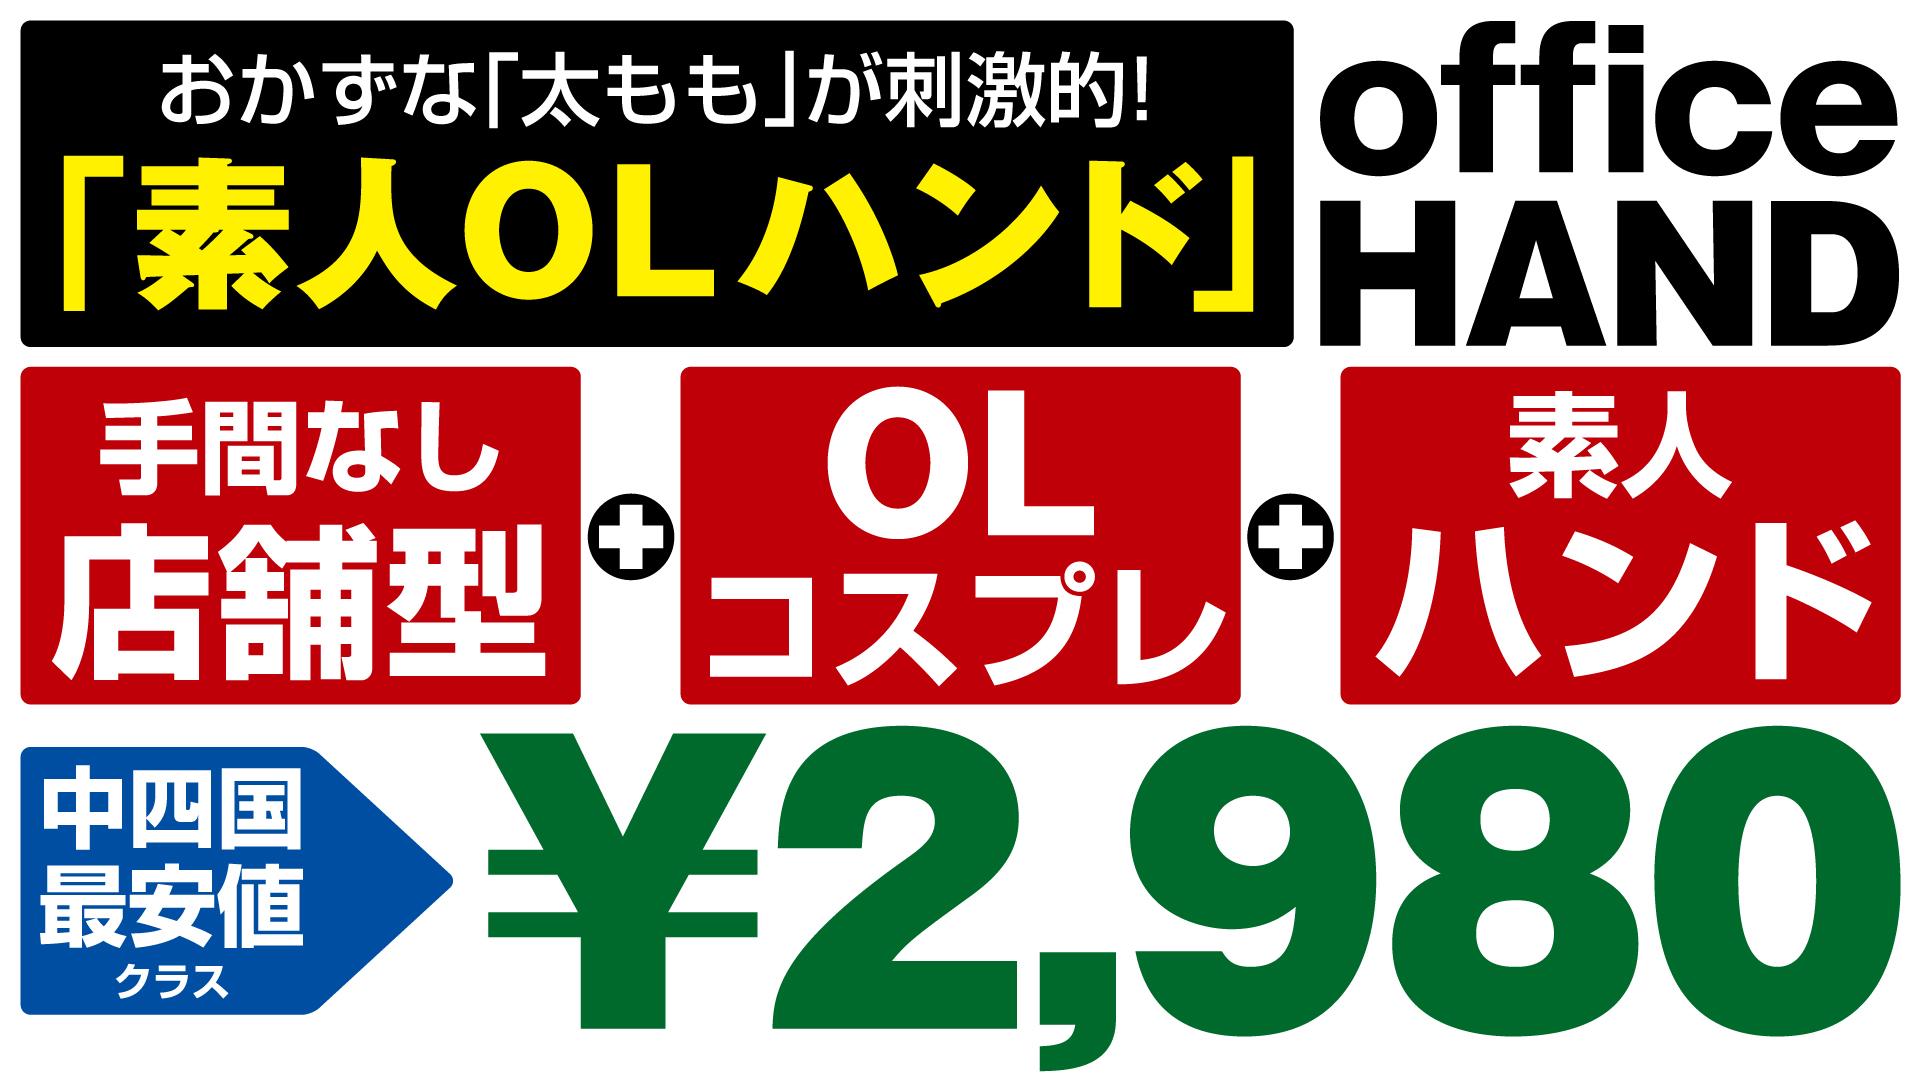 オフィスハンド(広島市オナクラ(店舗型))